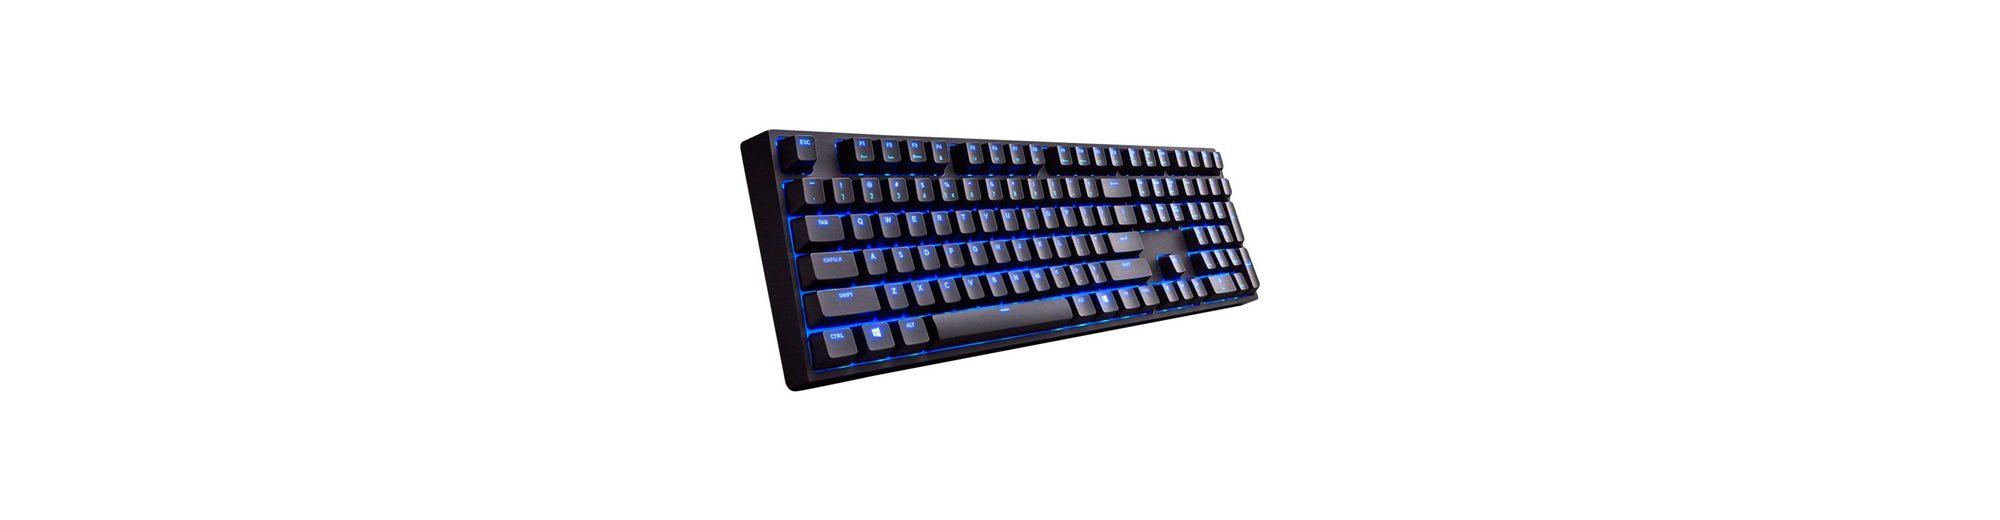 CM Storm Tastatur »Quick Fire Xti«